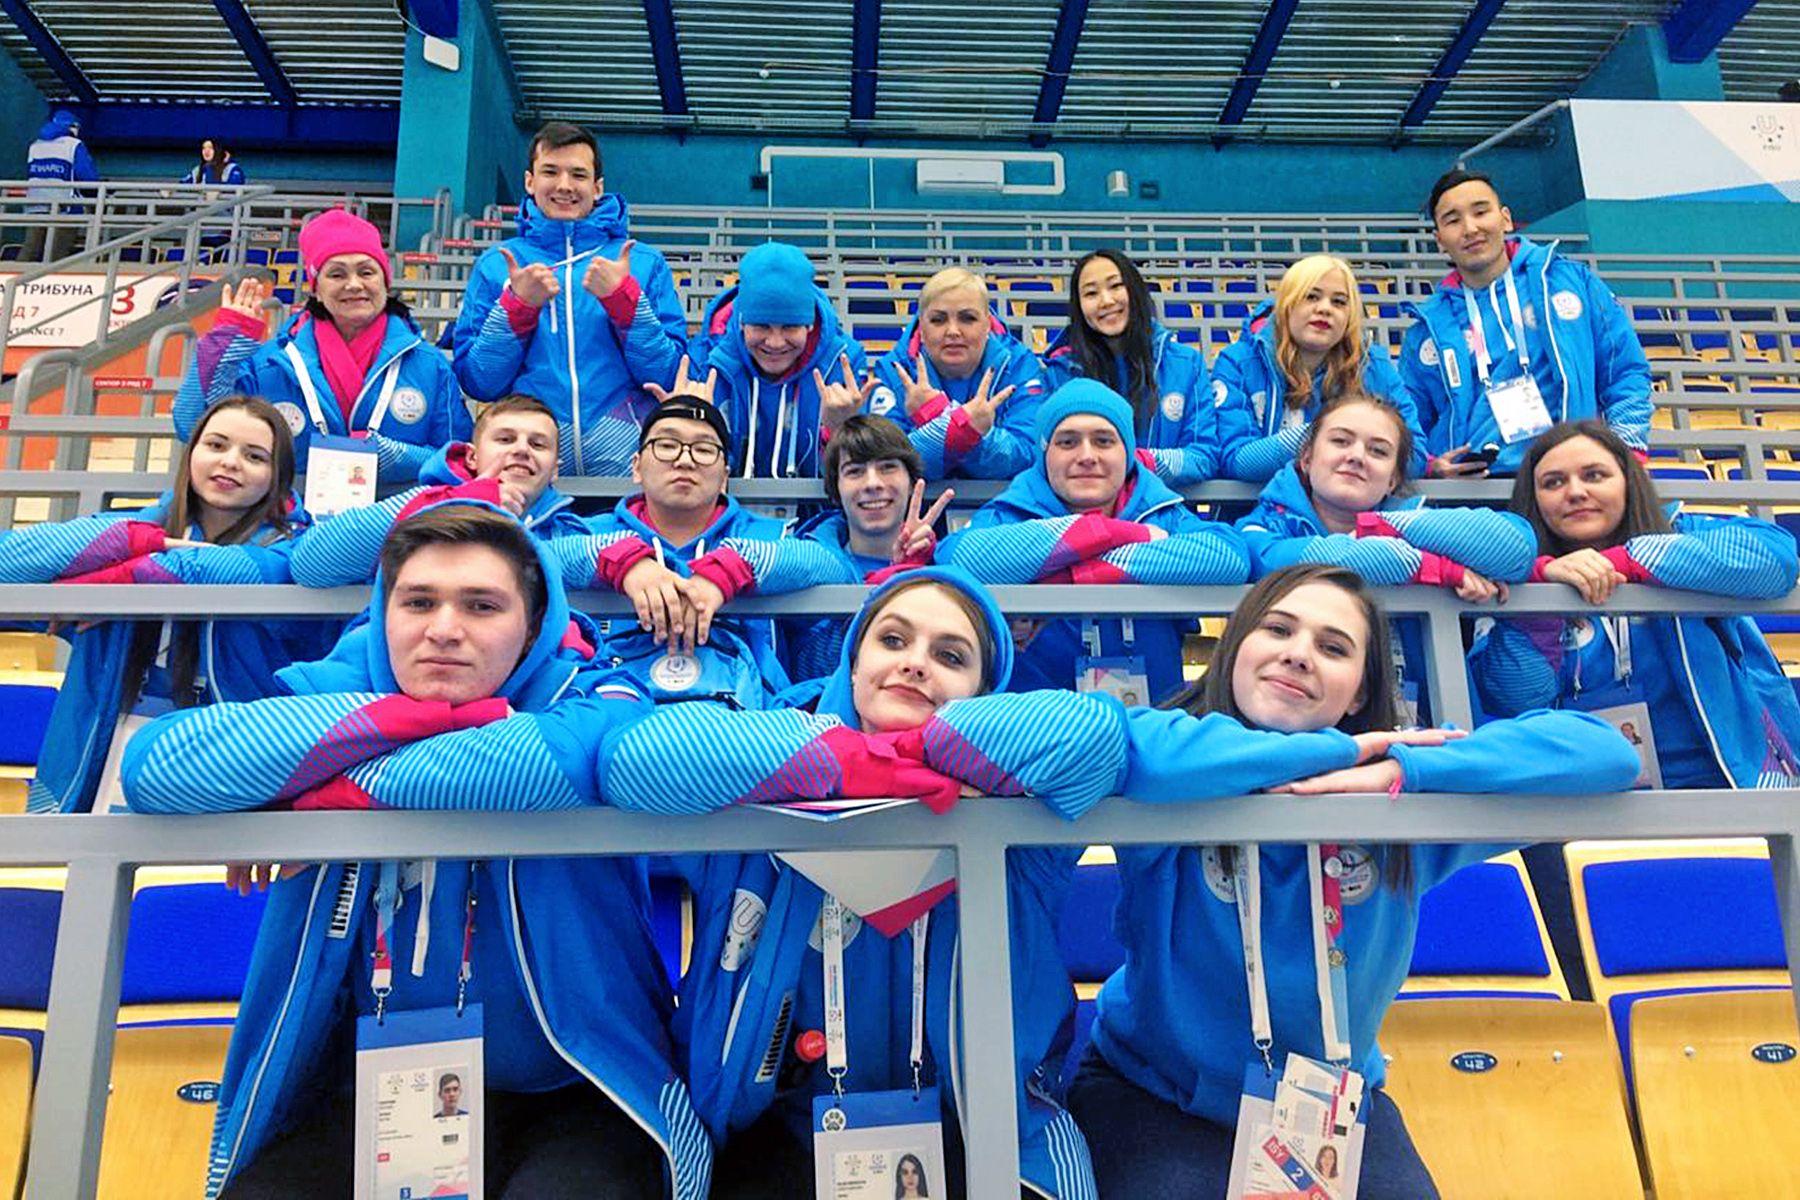 Волонтёры ВГУЭС на Универсиаде в Красноярске: как это было